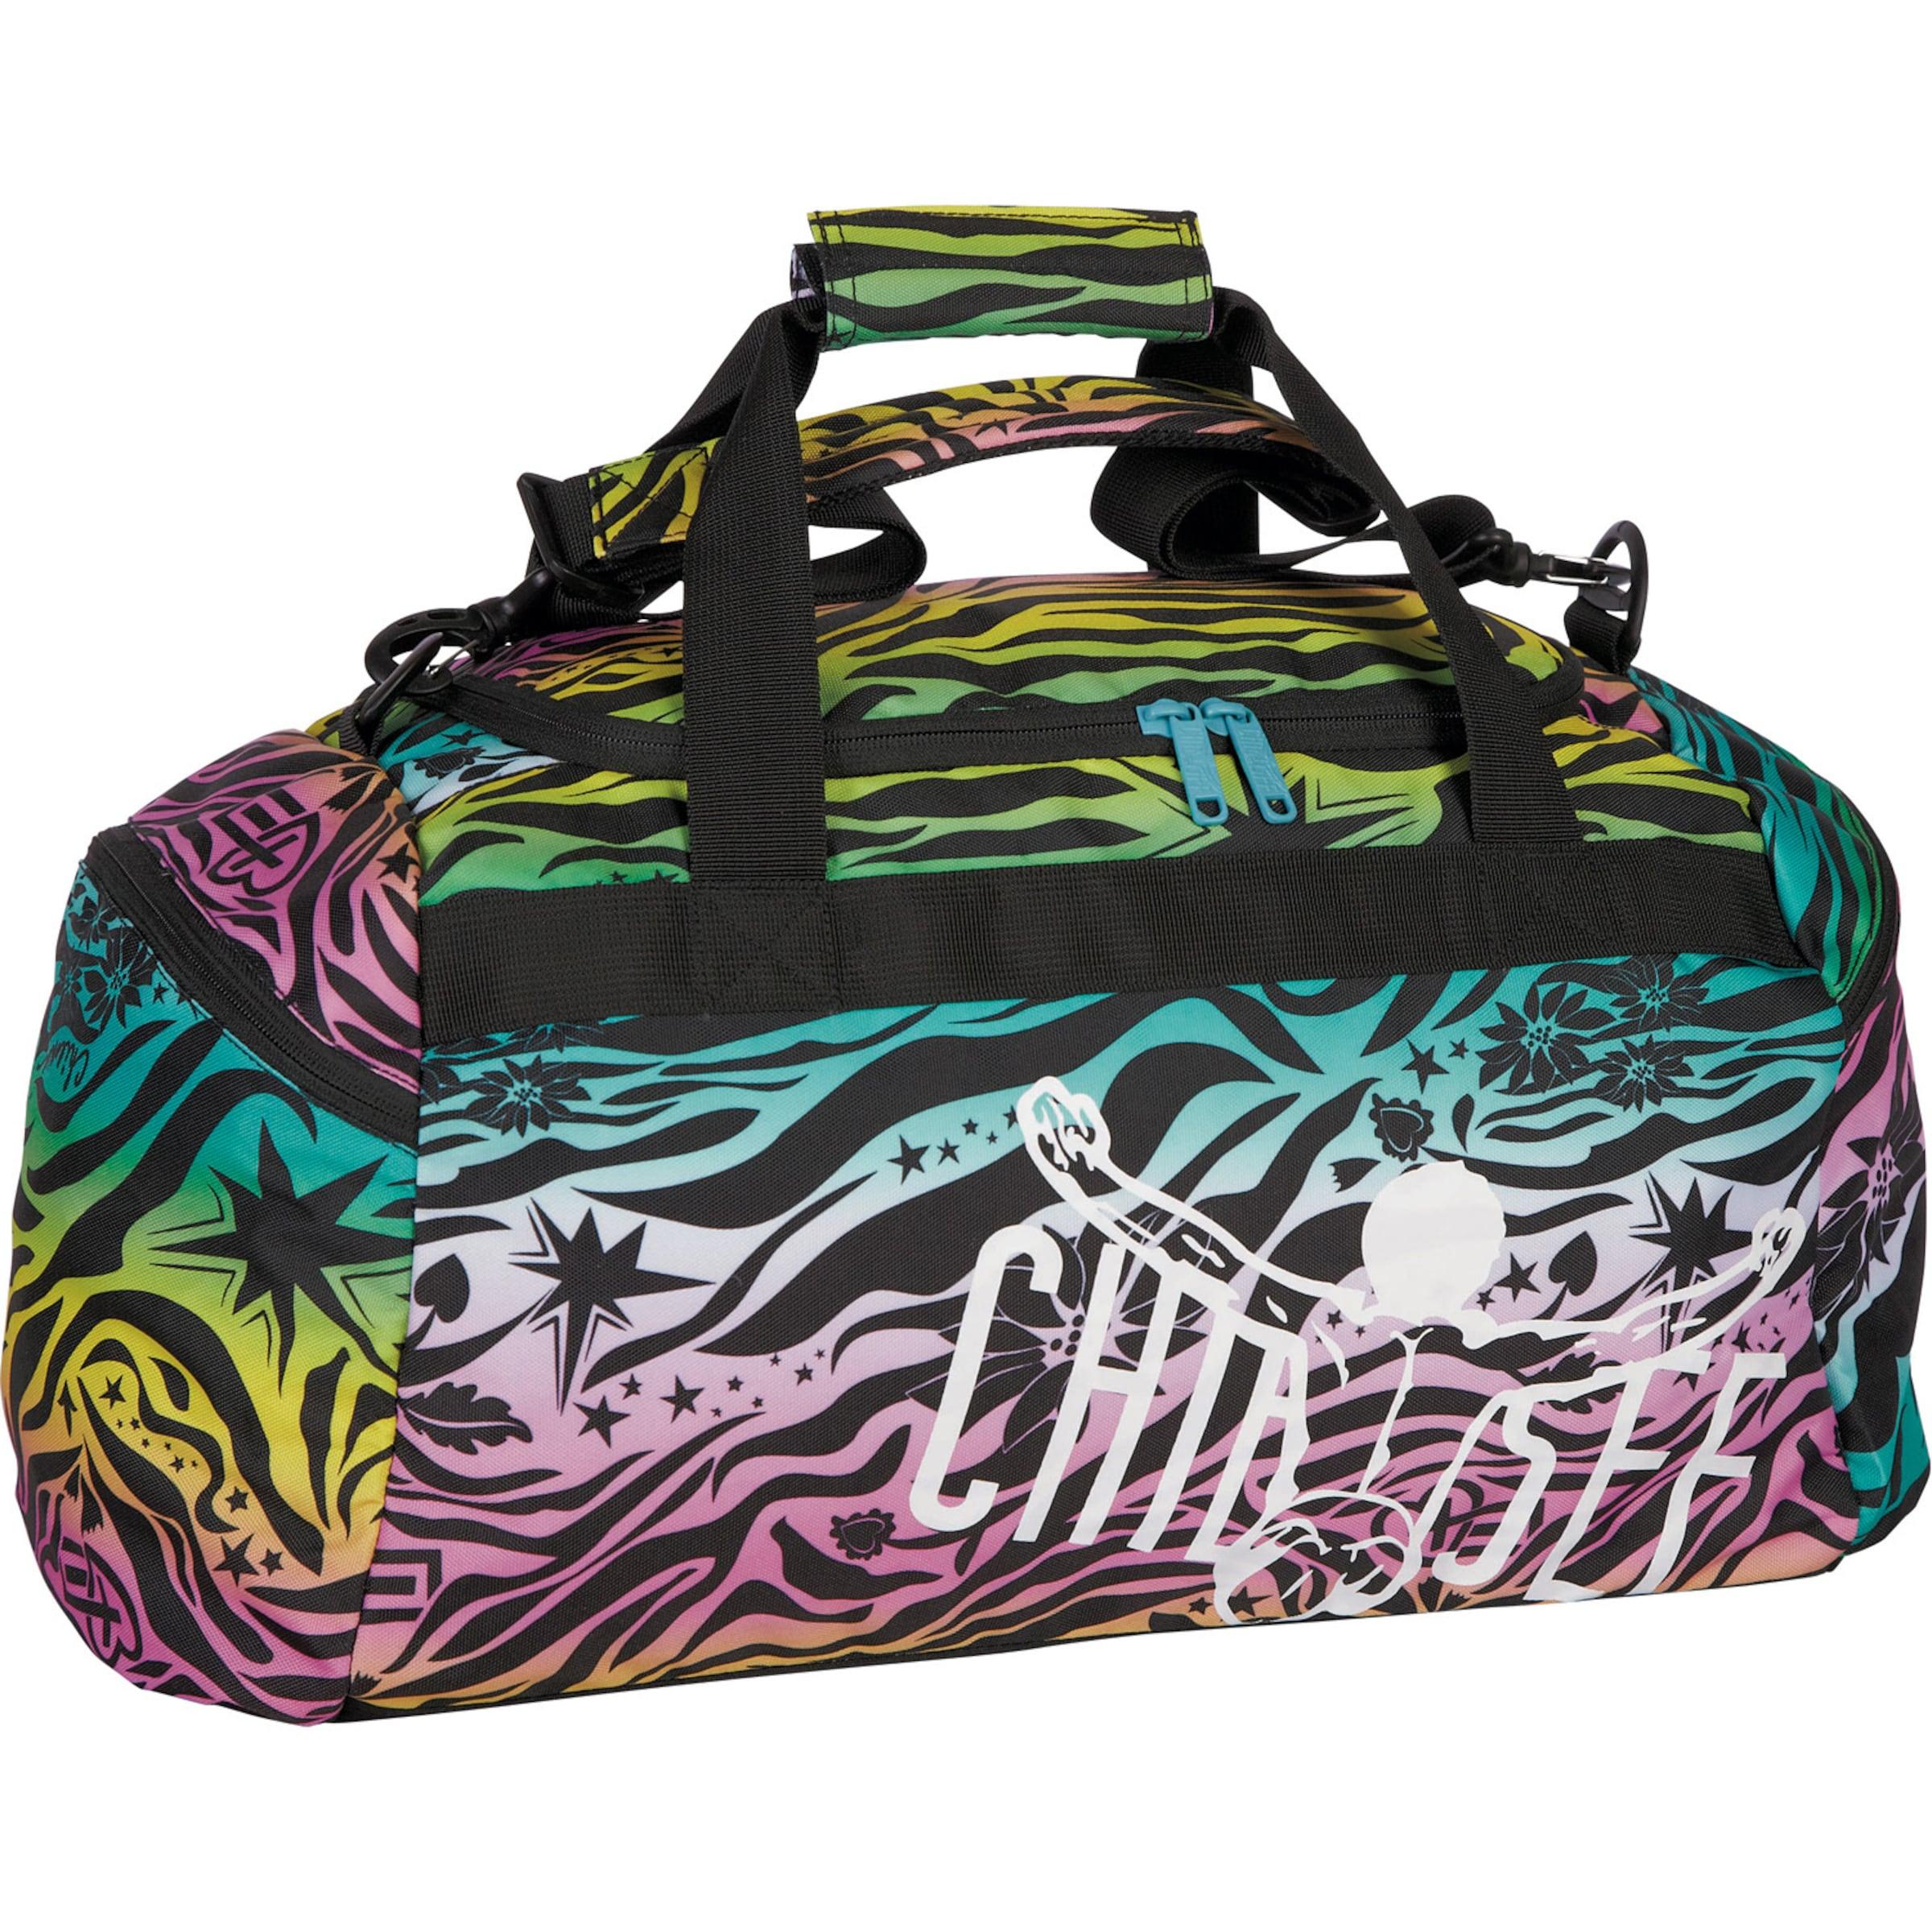 CHIEMSEE Sport Matchbag Reisetasche 56 cm Guenstige MwlvSZBWP